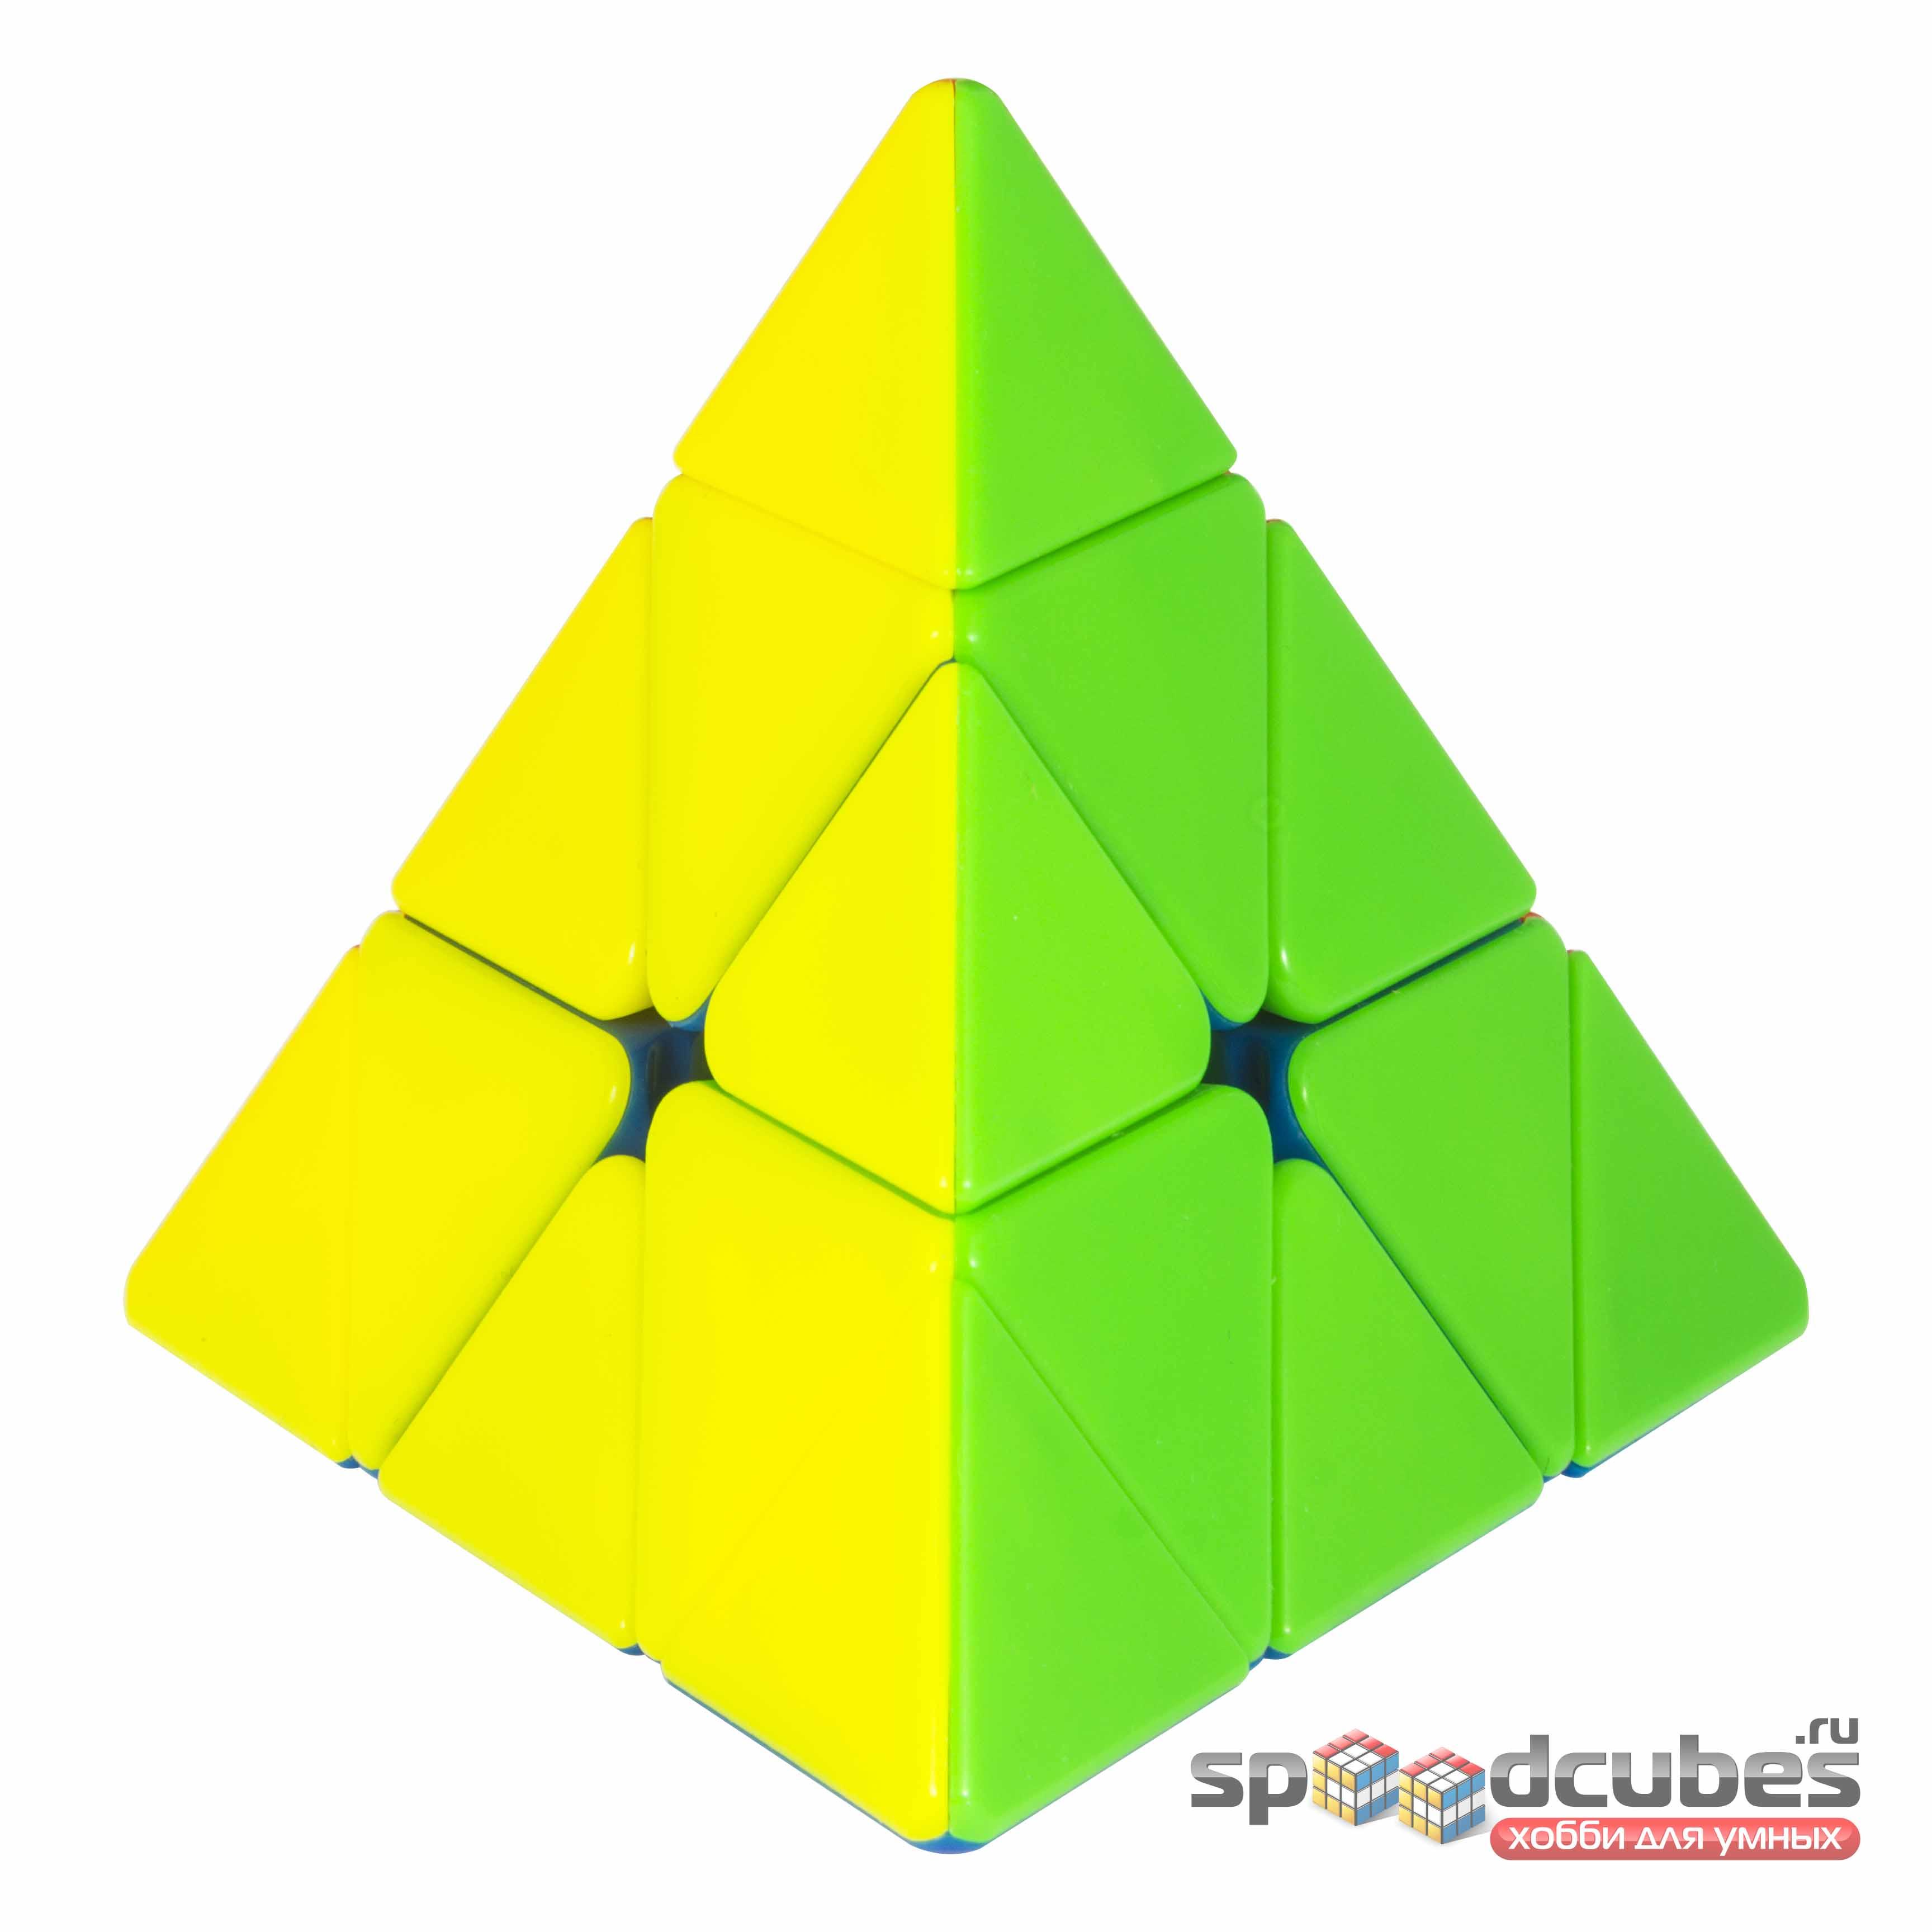 YJ RuiLong Pyraminx 2